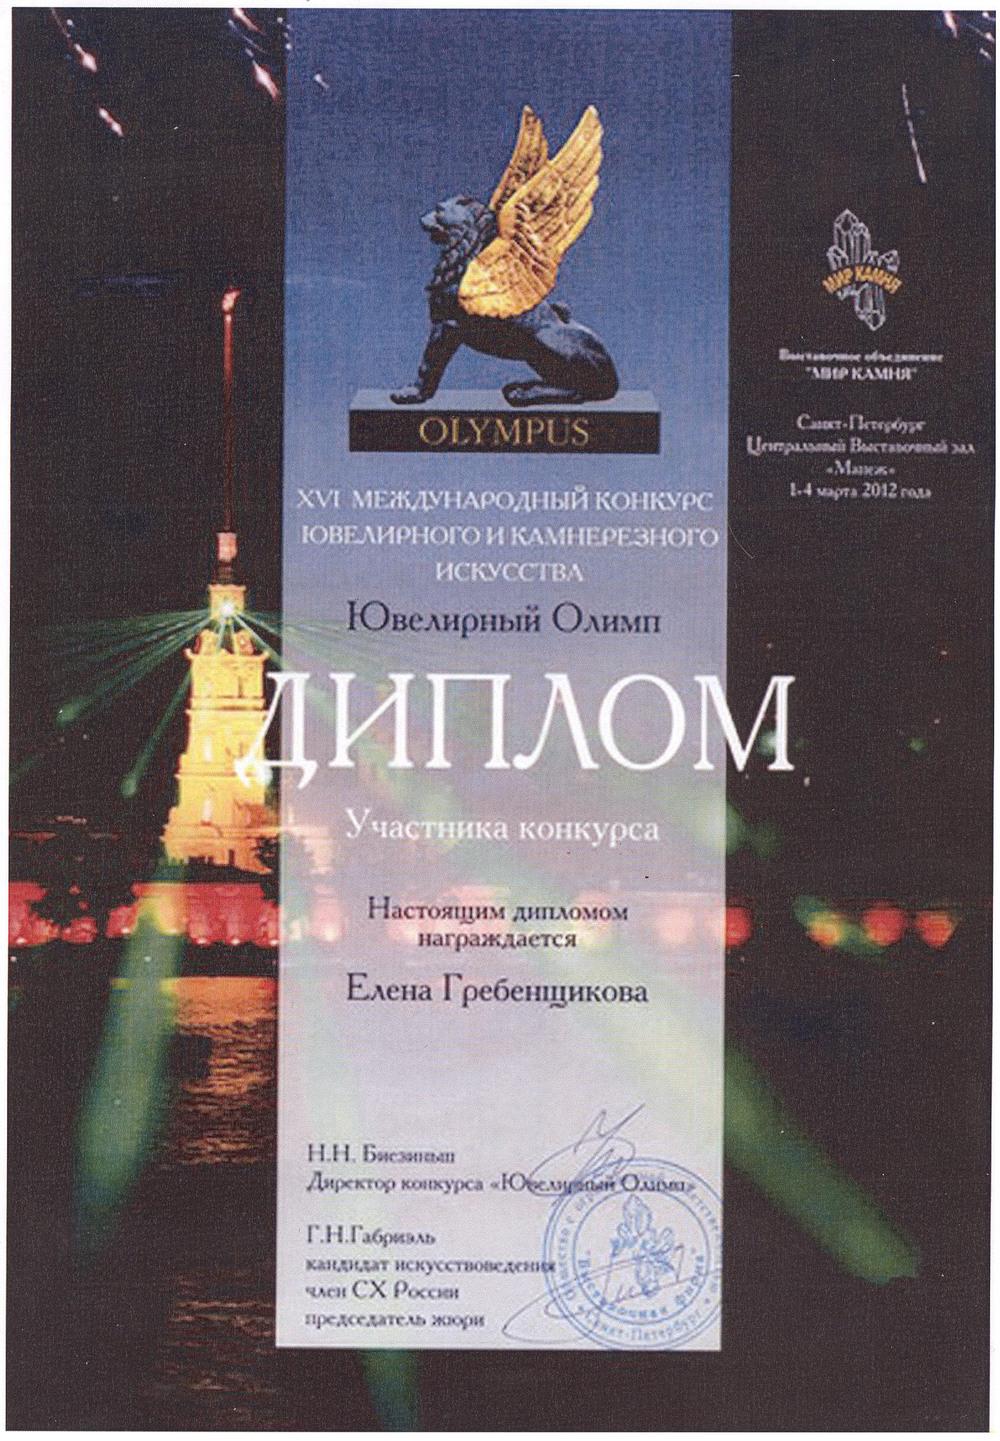 Диплом Всероссийского конкурса авторского и камнерезного искусства Ювелирный Олимп, г. Санкт-Петербург, 2010 г.